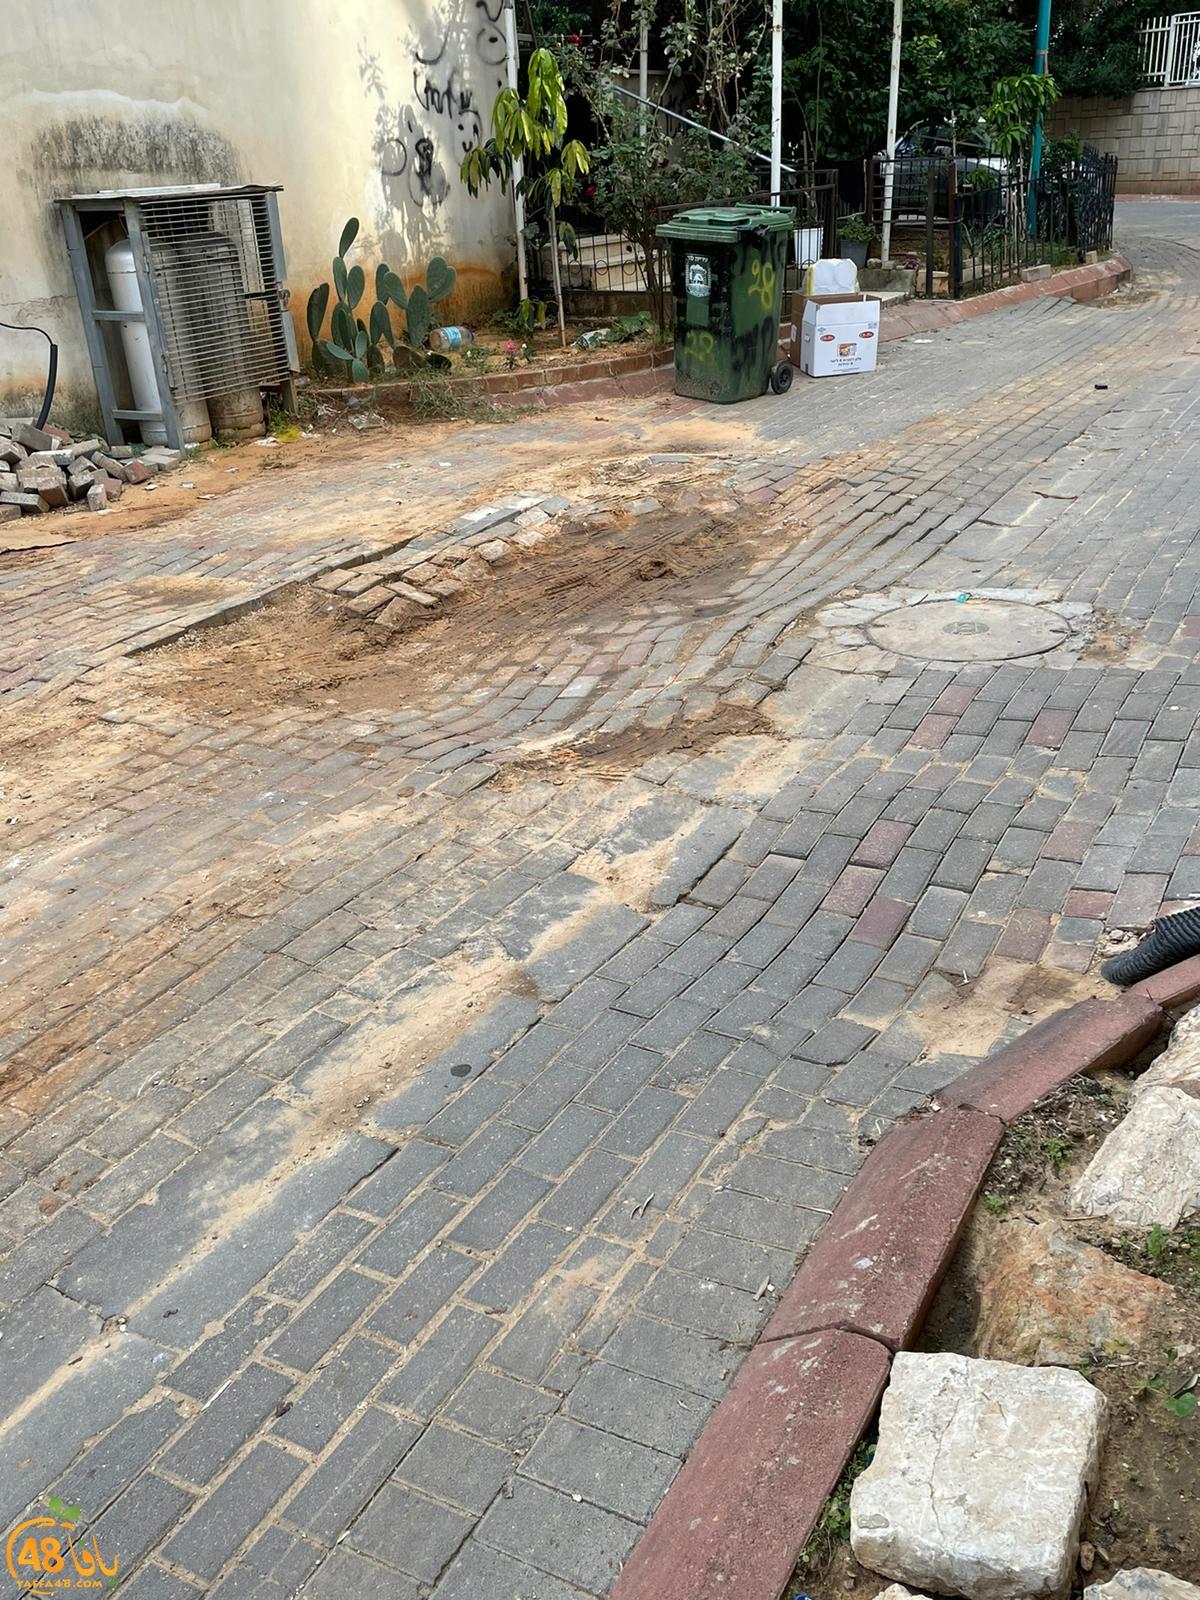 اللد: طالب بإصلاح حفرة في الشارع فتلقى مخالفات مالية من البلدية